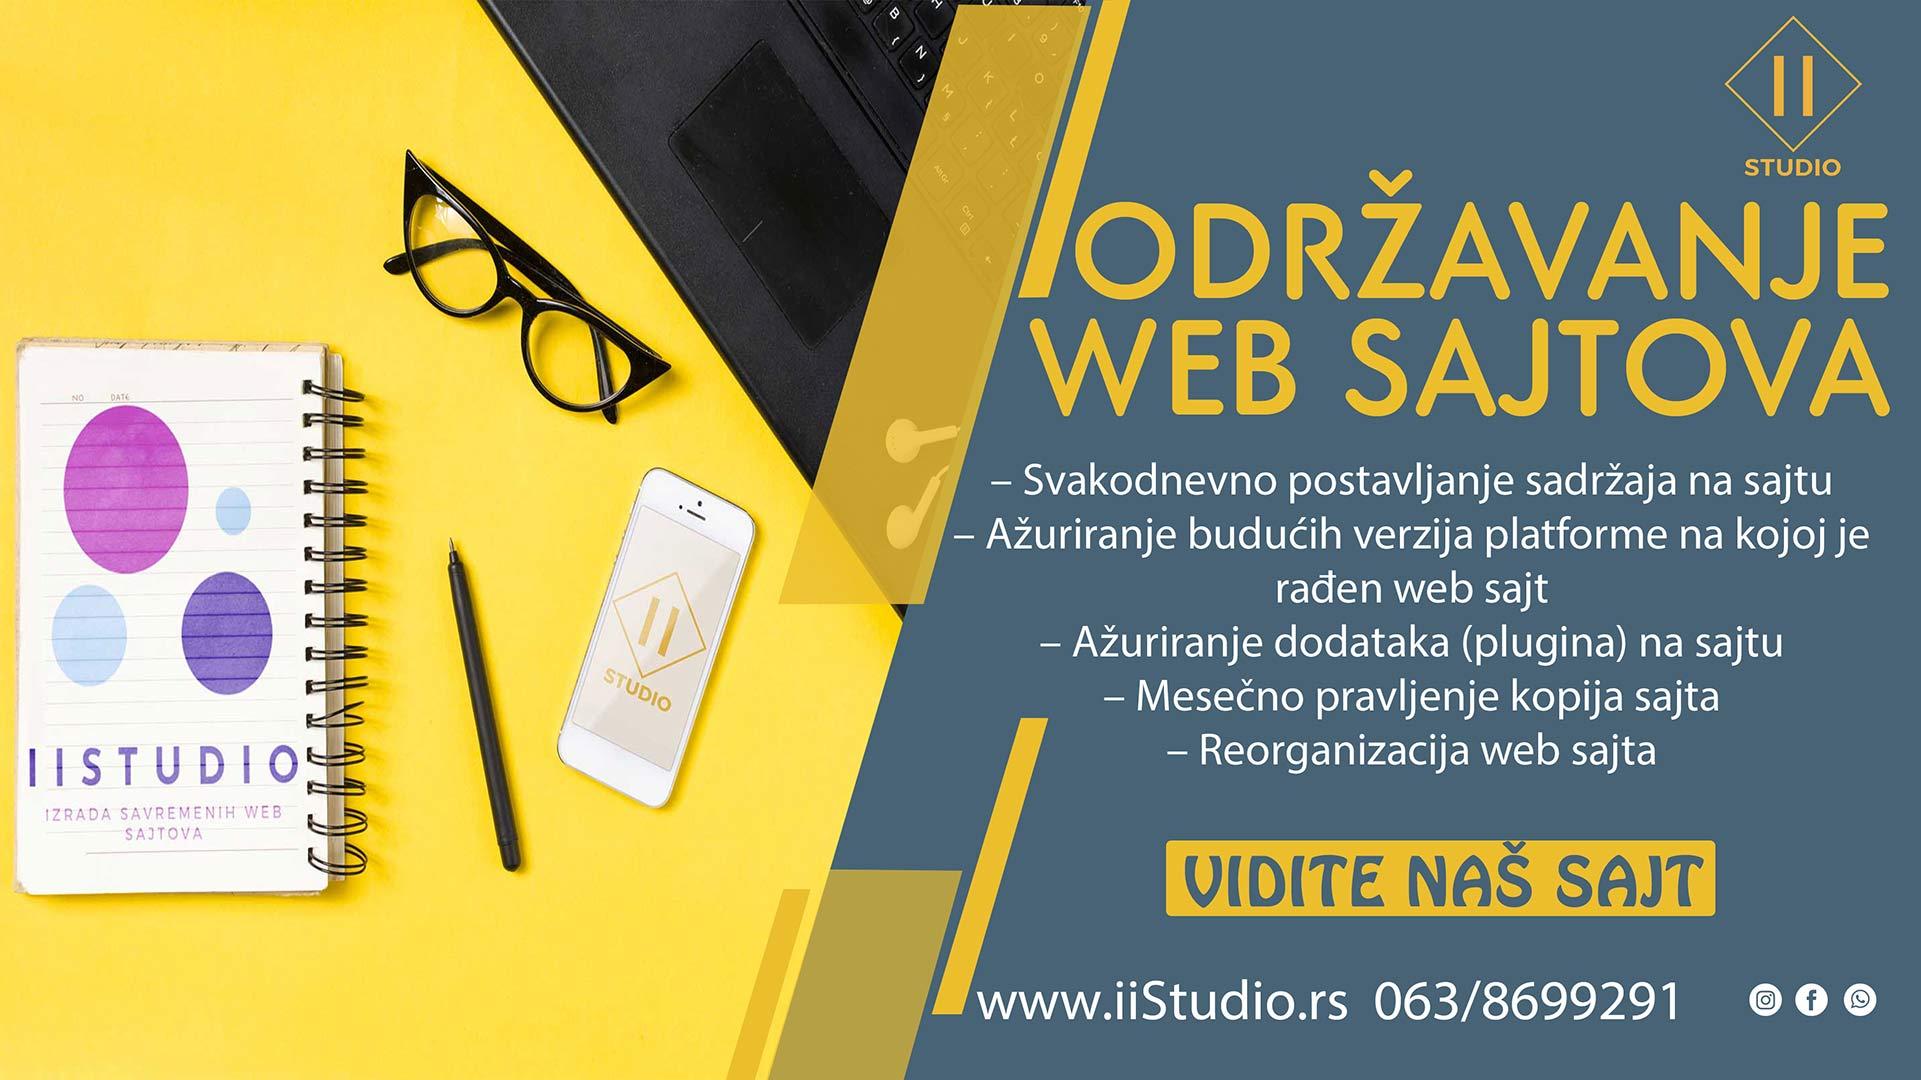 odrzavanje web sajtova za firme